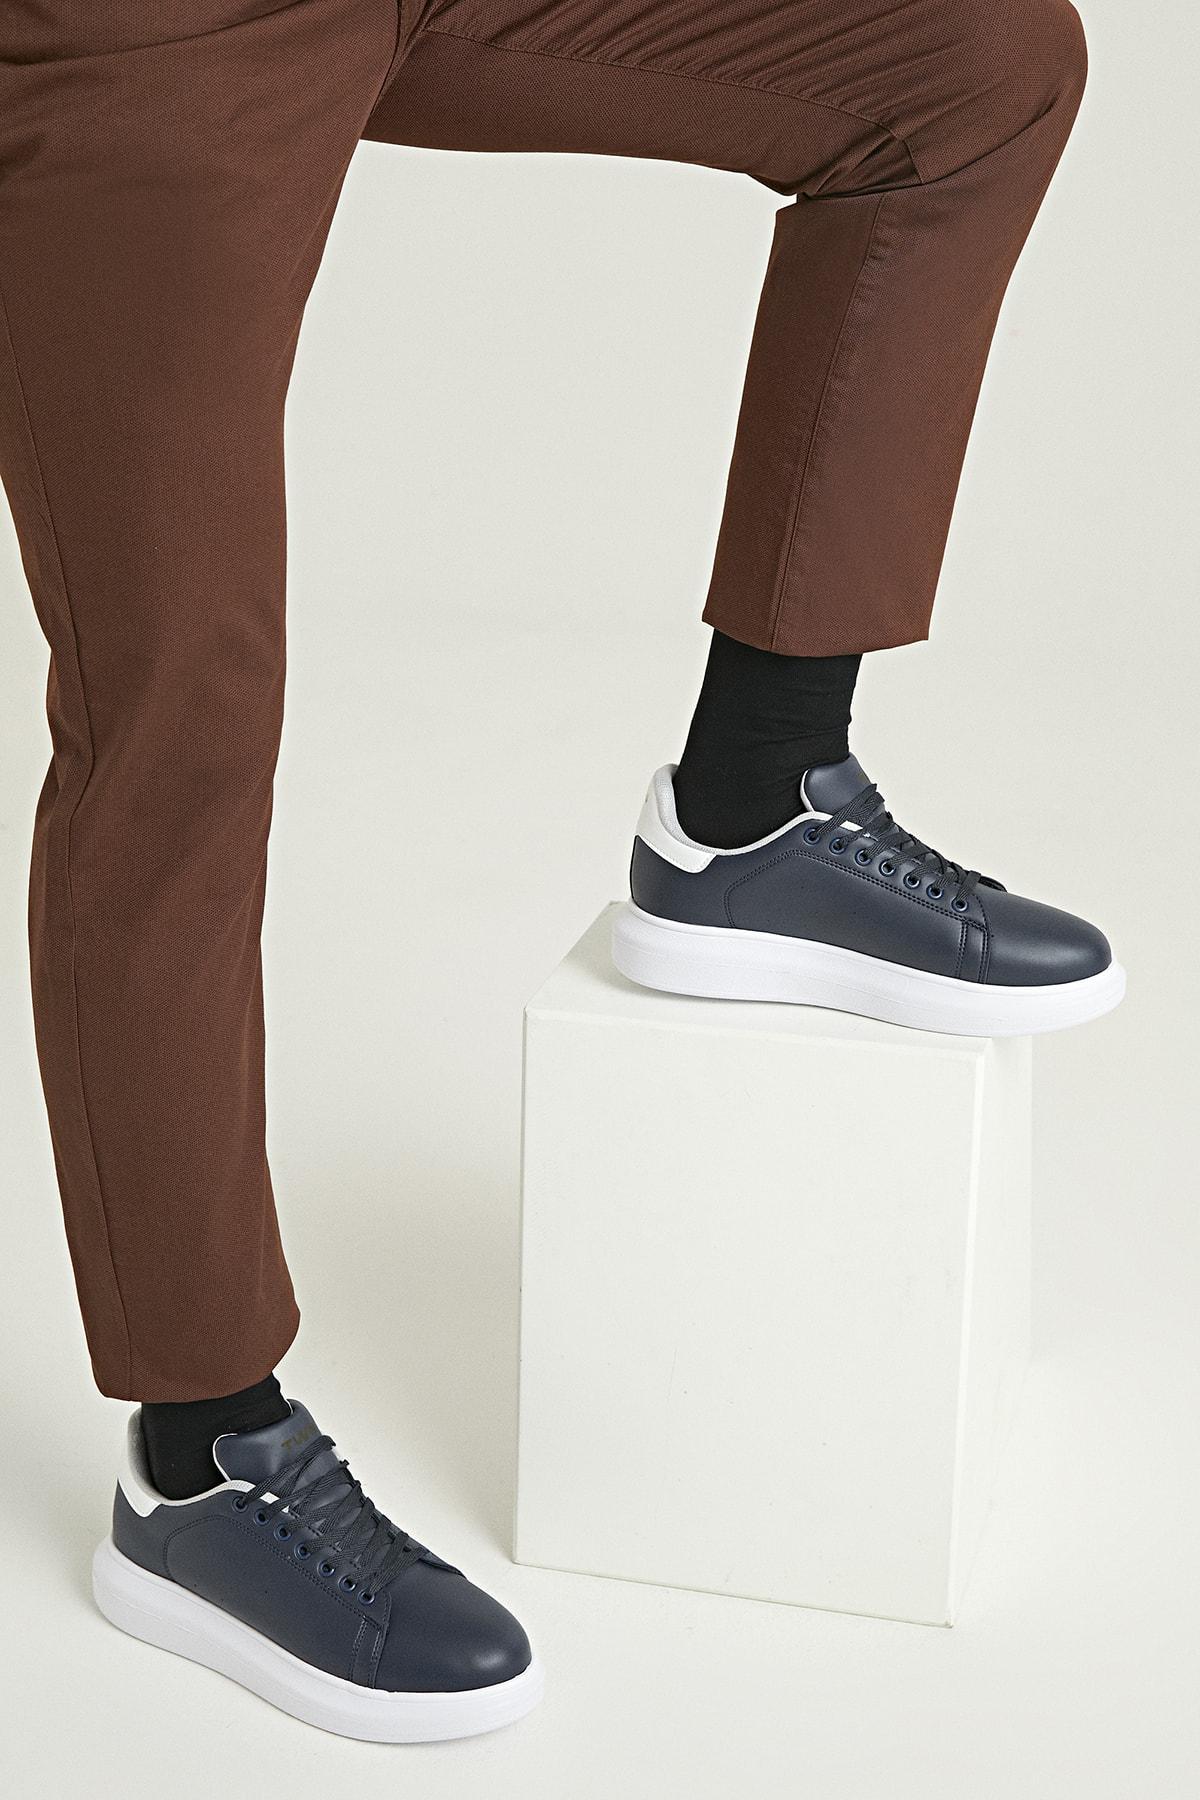 Erkek Ayakkabı Lacivert Renk